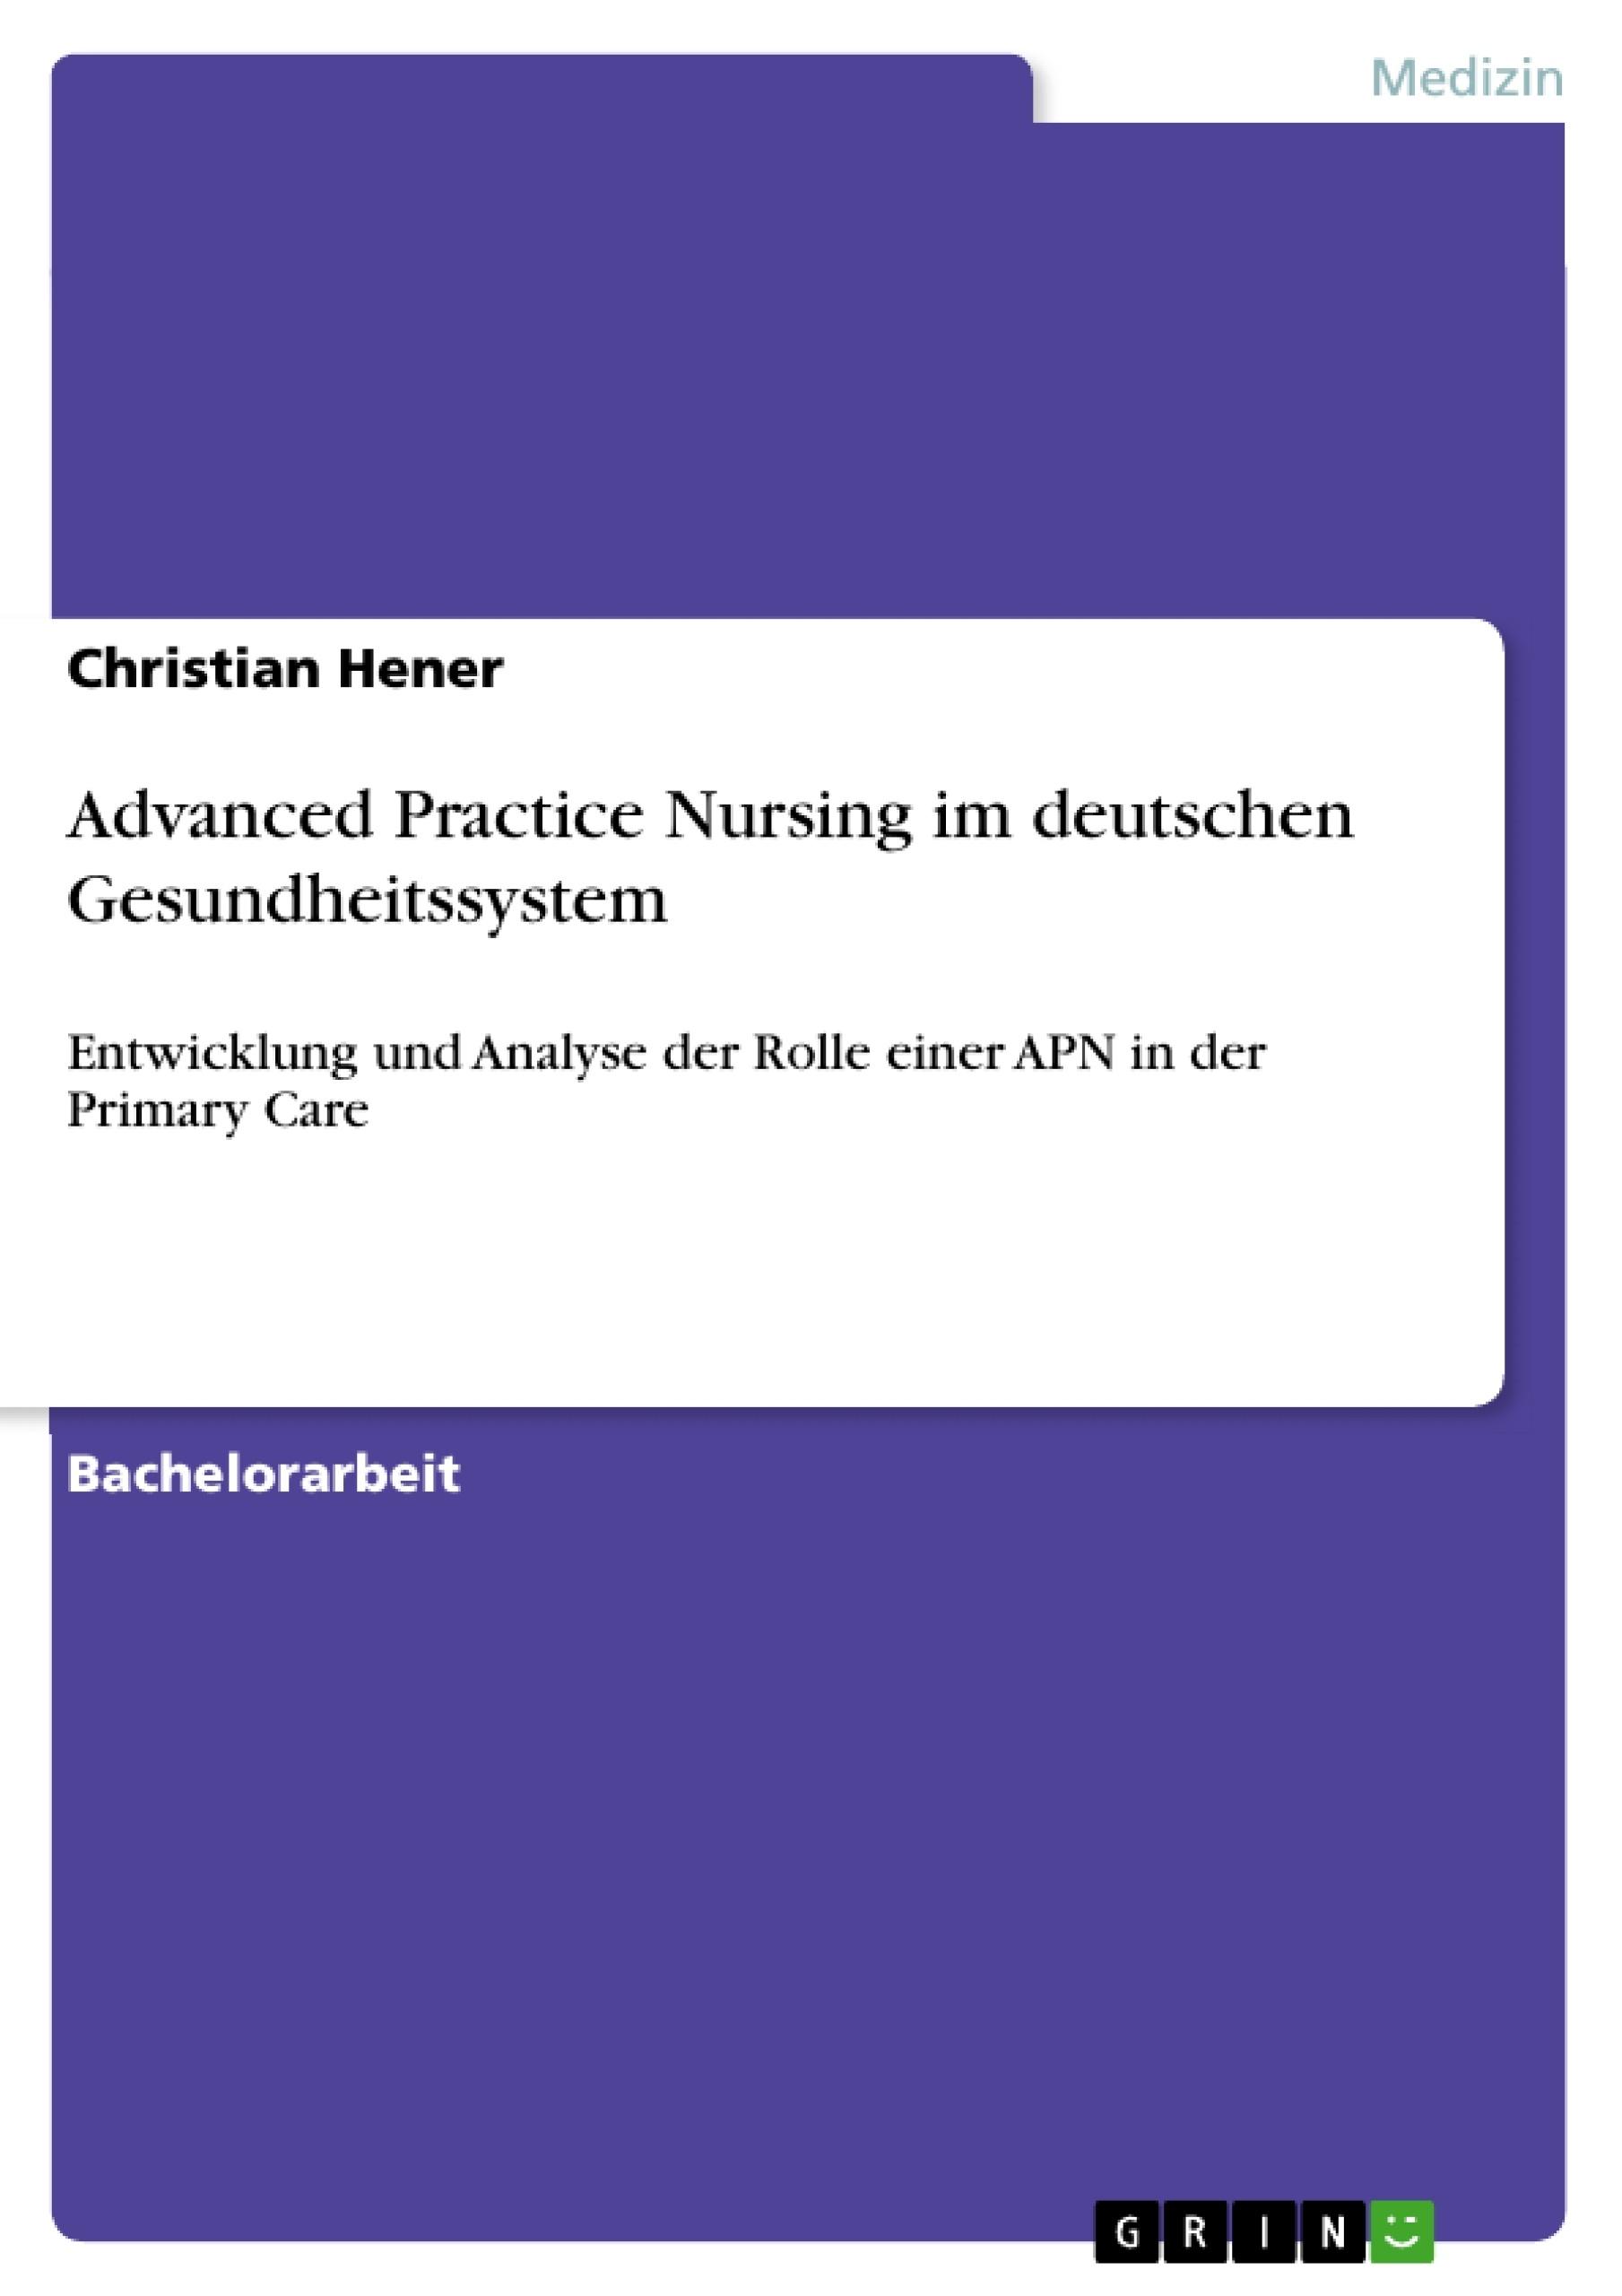 Titel: Advanced Practice Nursing im deutschen Gesundheitssystem